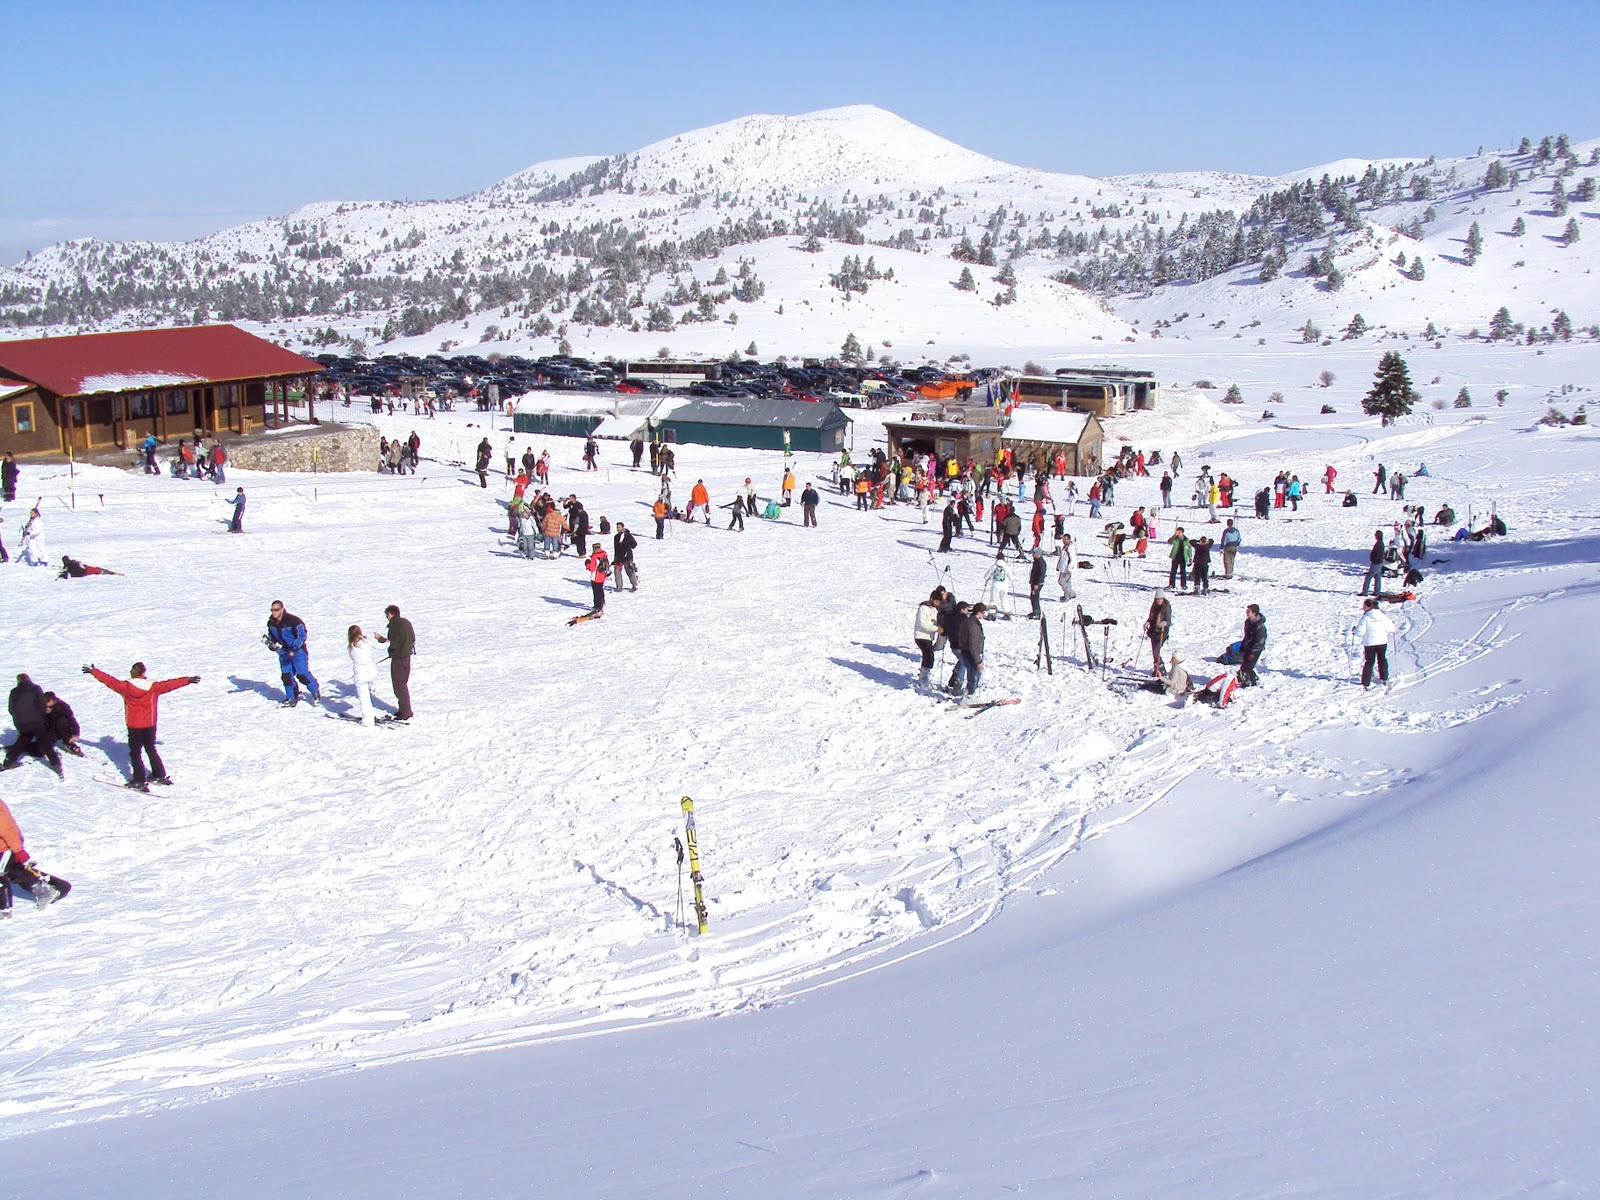 Χιονοδρομικού Κέντρου Καλαβρύτων: Ανακοίνωση για τους Δημότες Αιγιαλείας